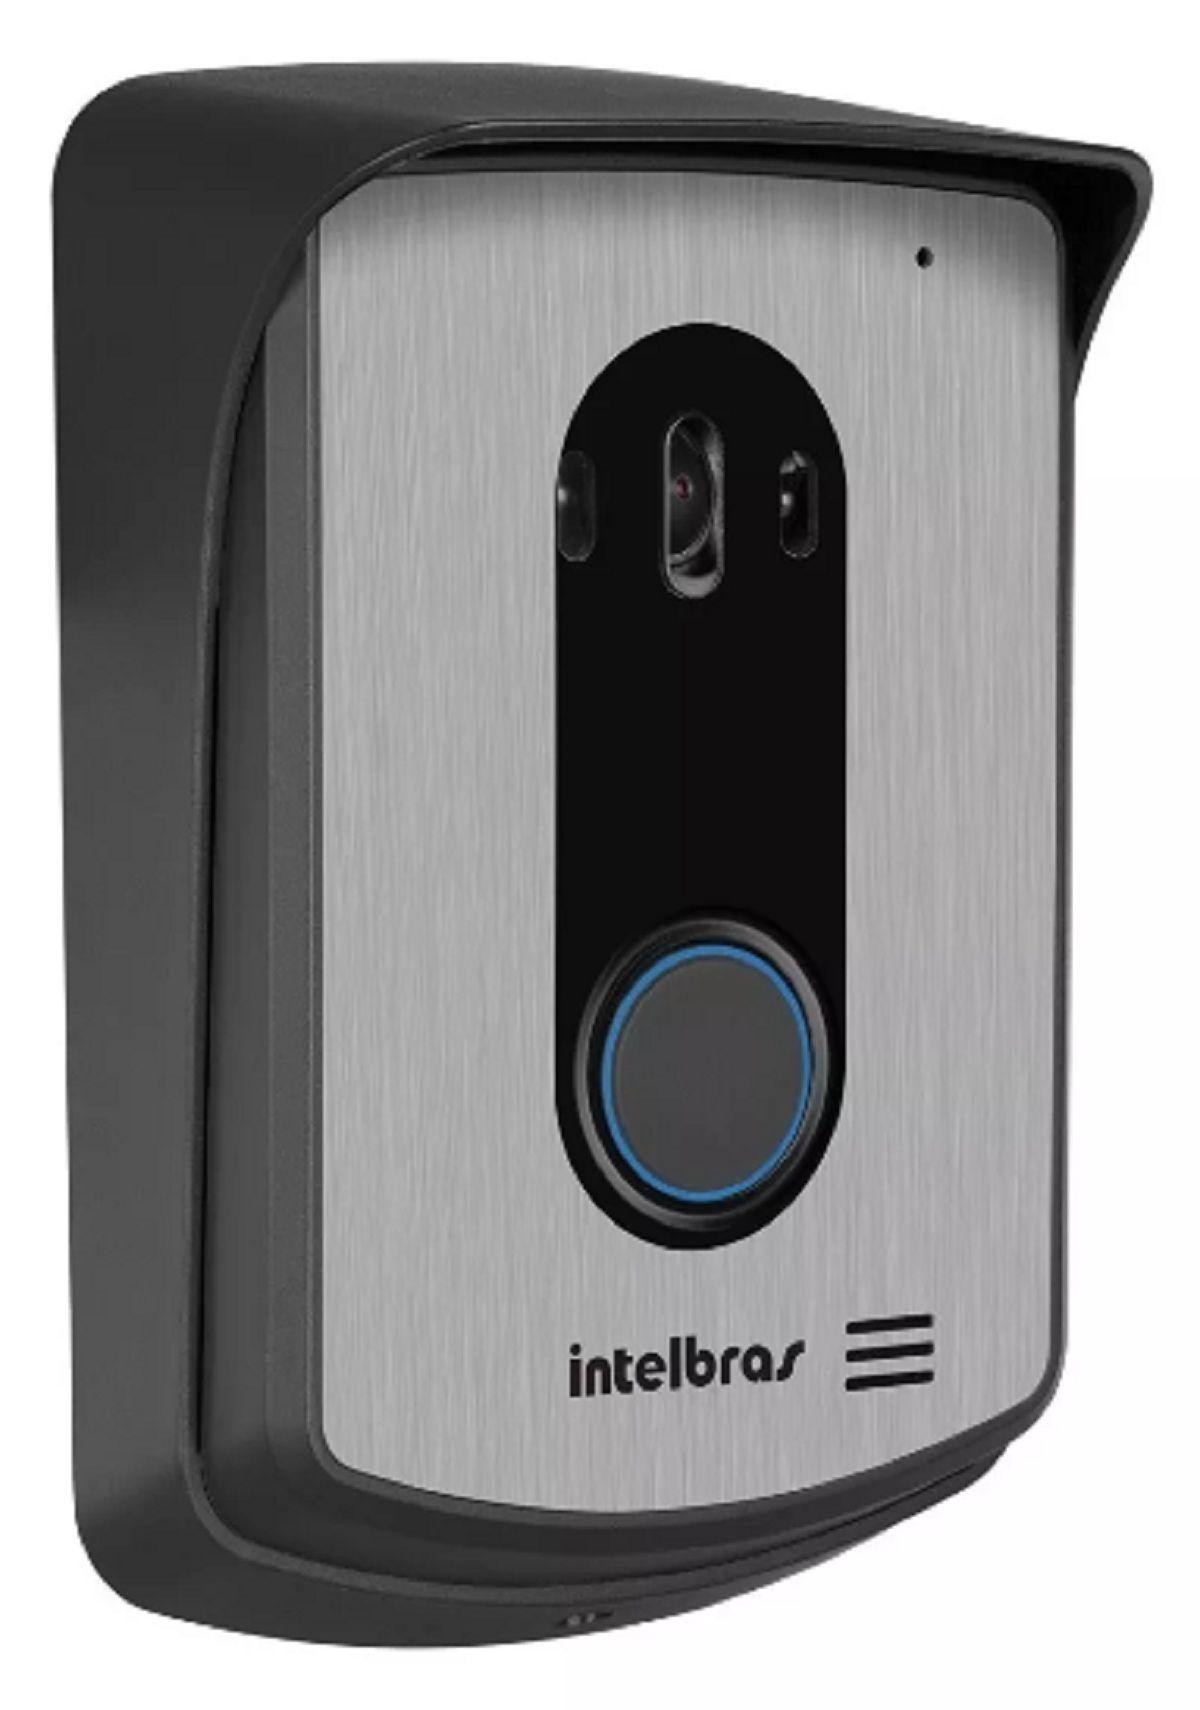 Módulo Externo P/video Porteiro Intelbras Iv 7000 7010 4010